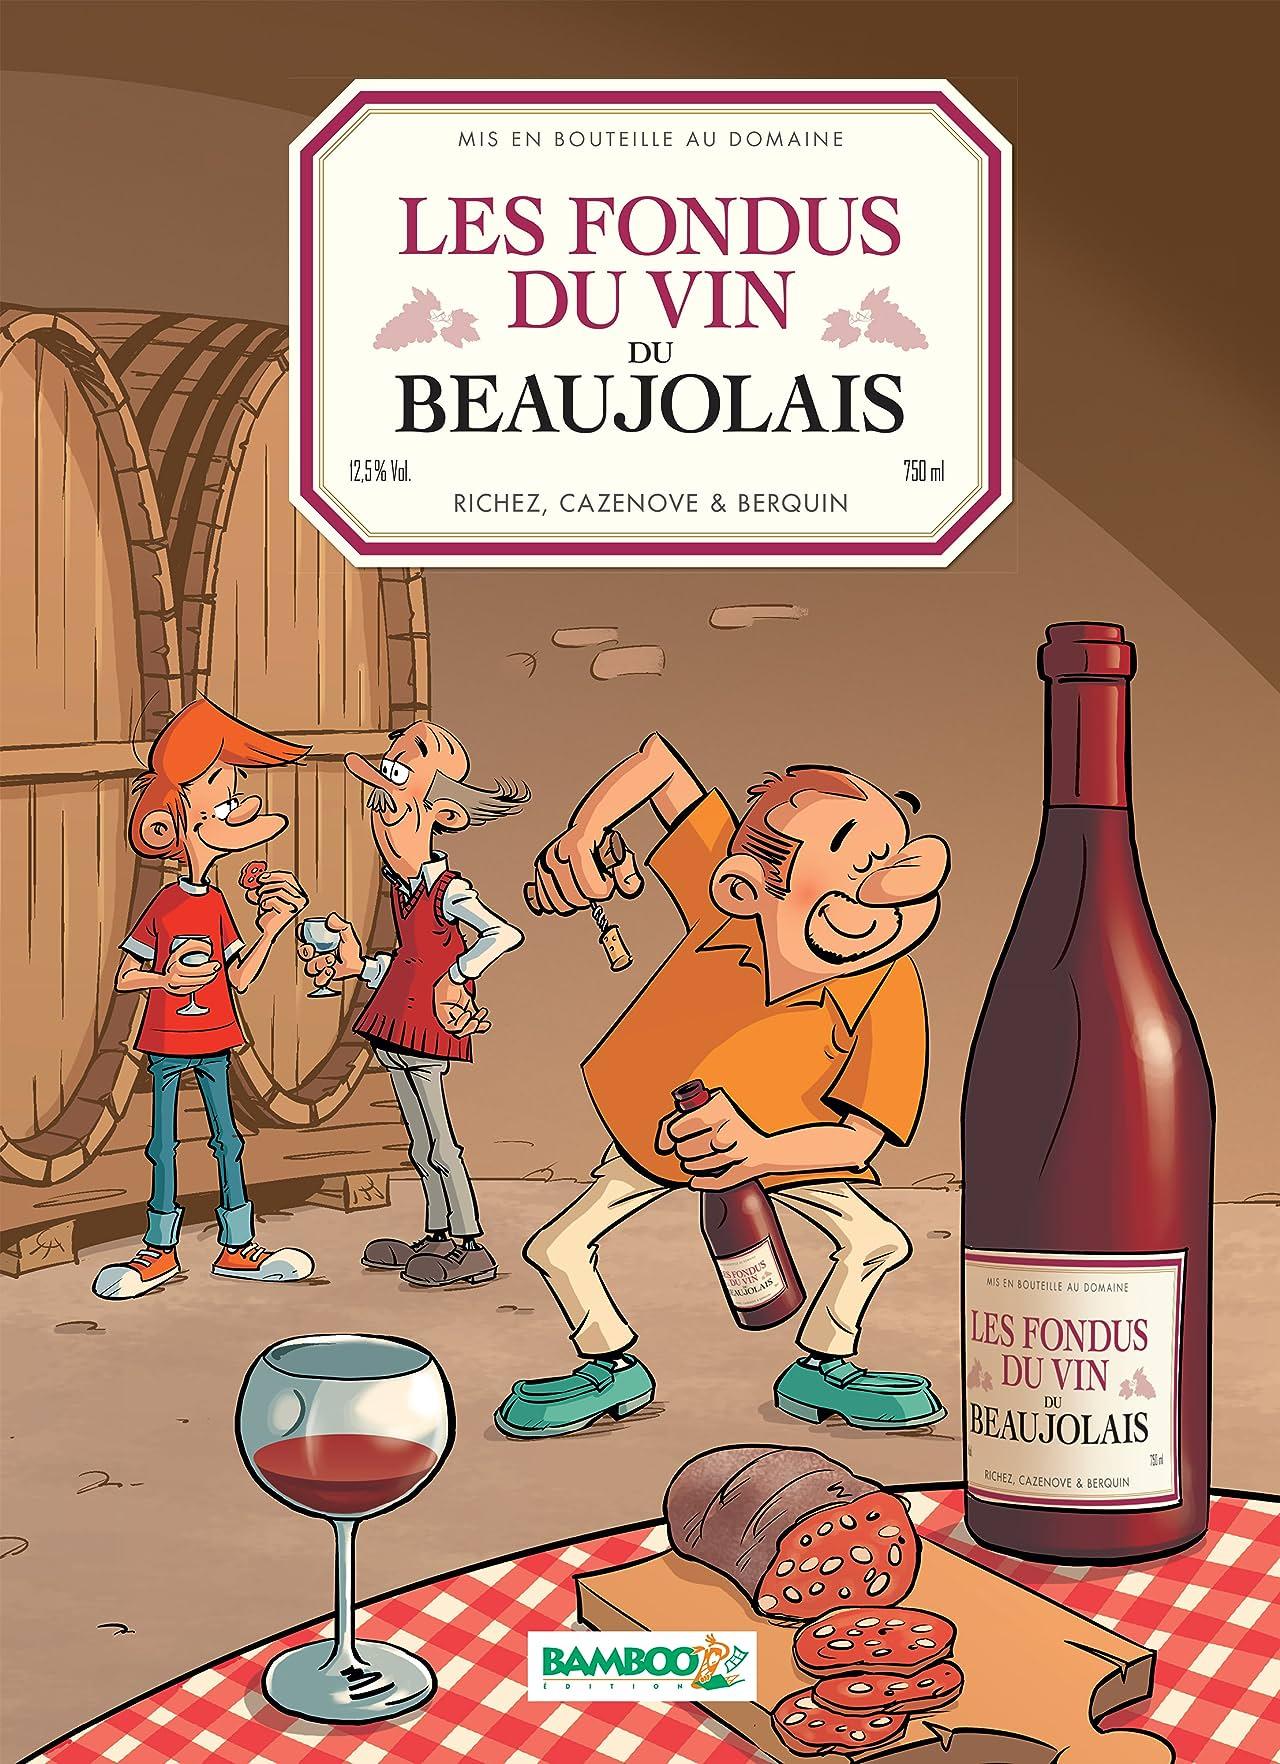 Les Fondus du vin de Beaujolais